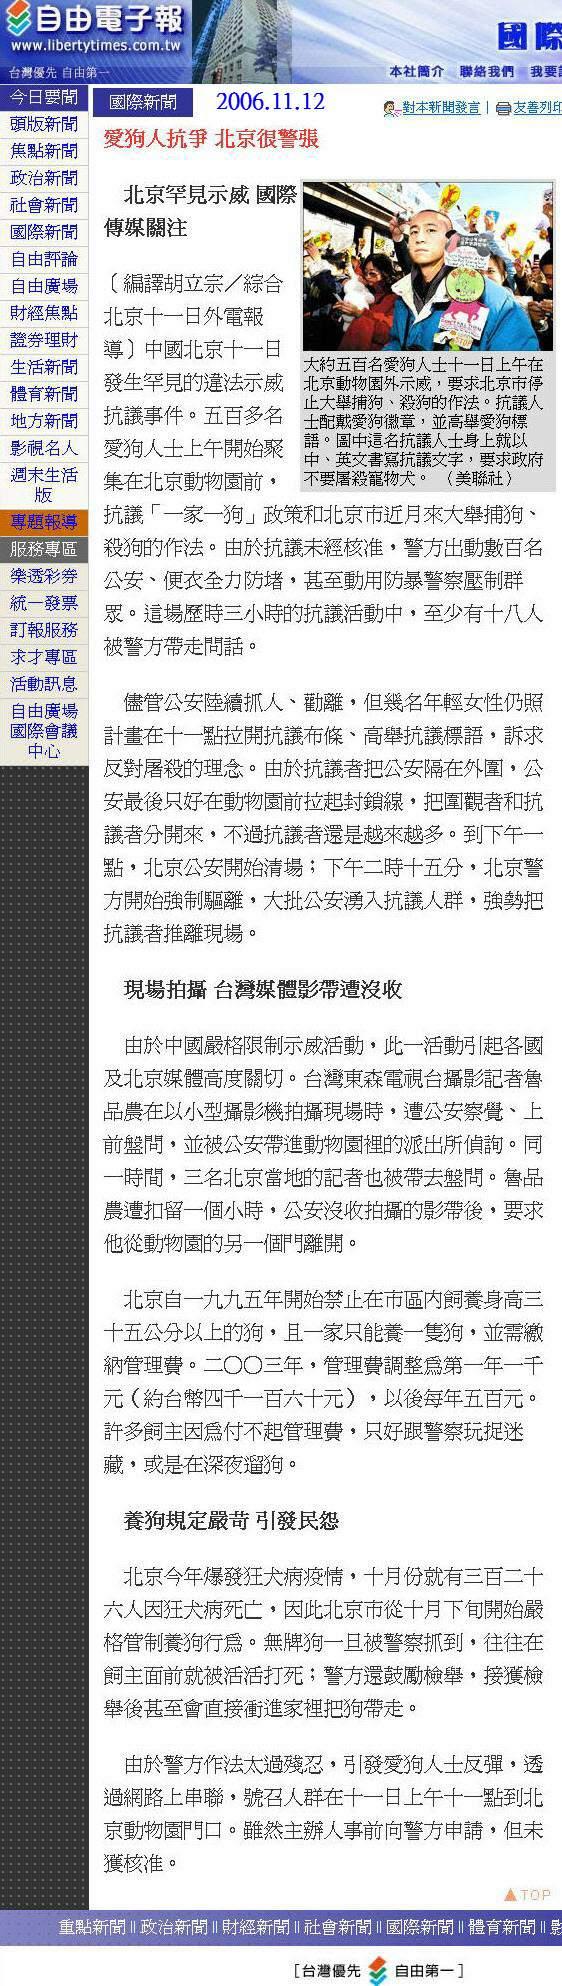 愛狗人抗爭 北京很緊張-2006.11.12.jpg